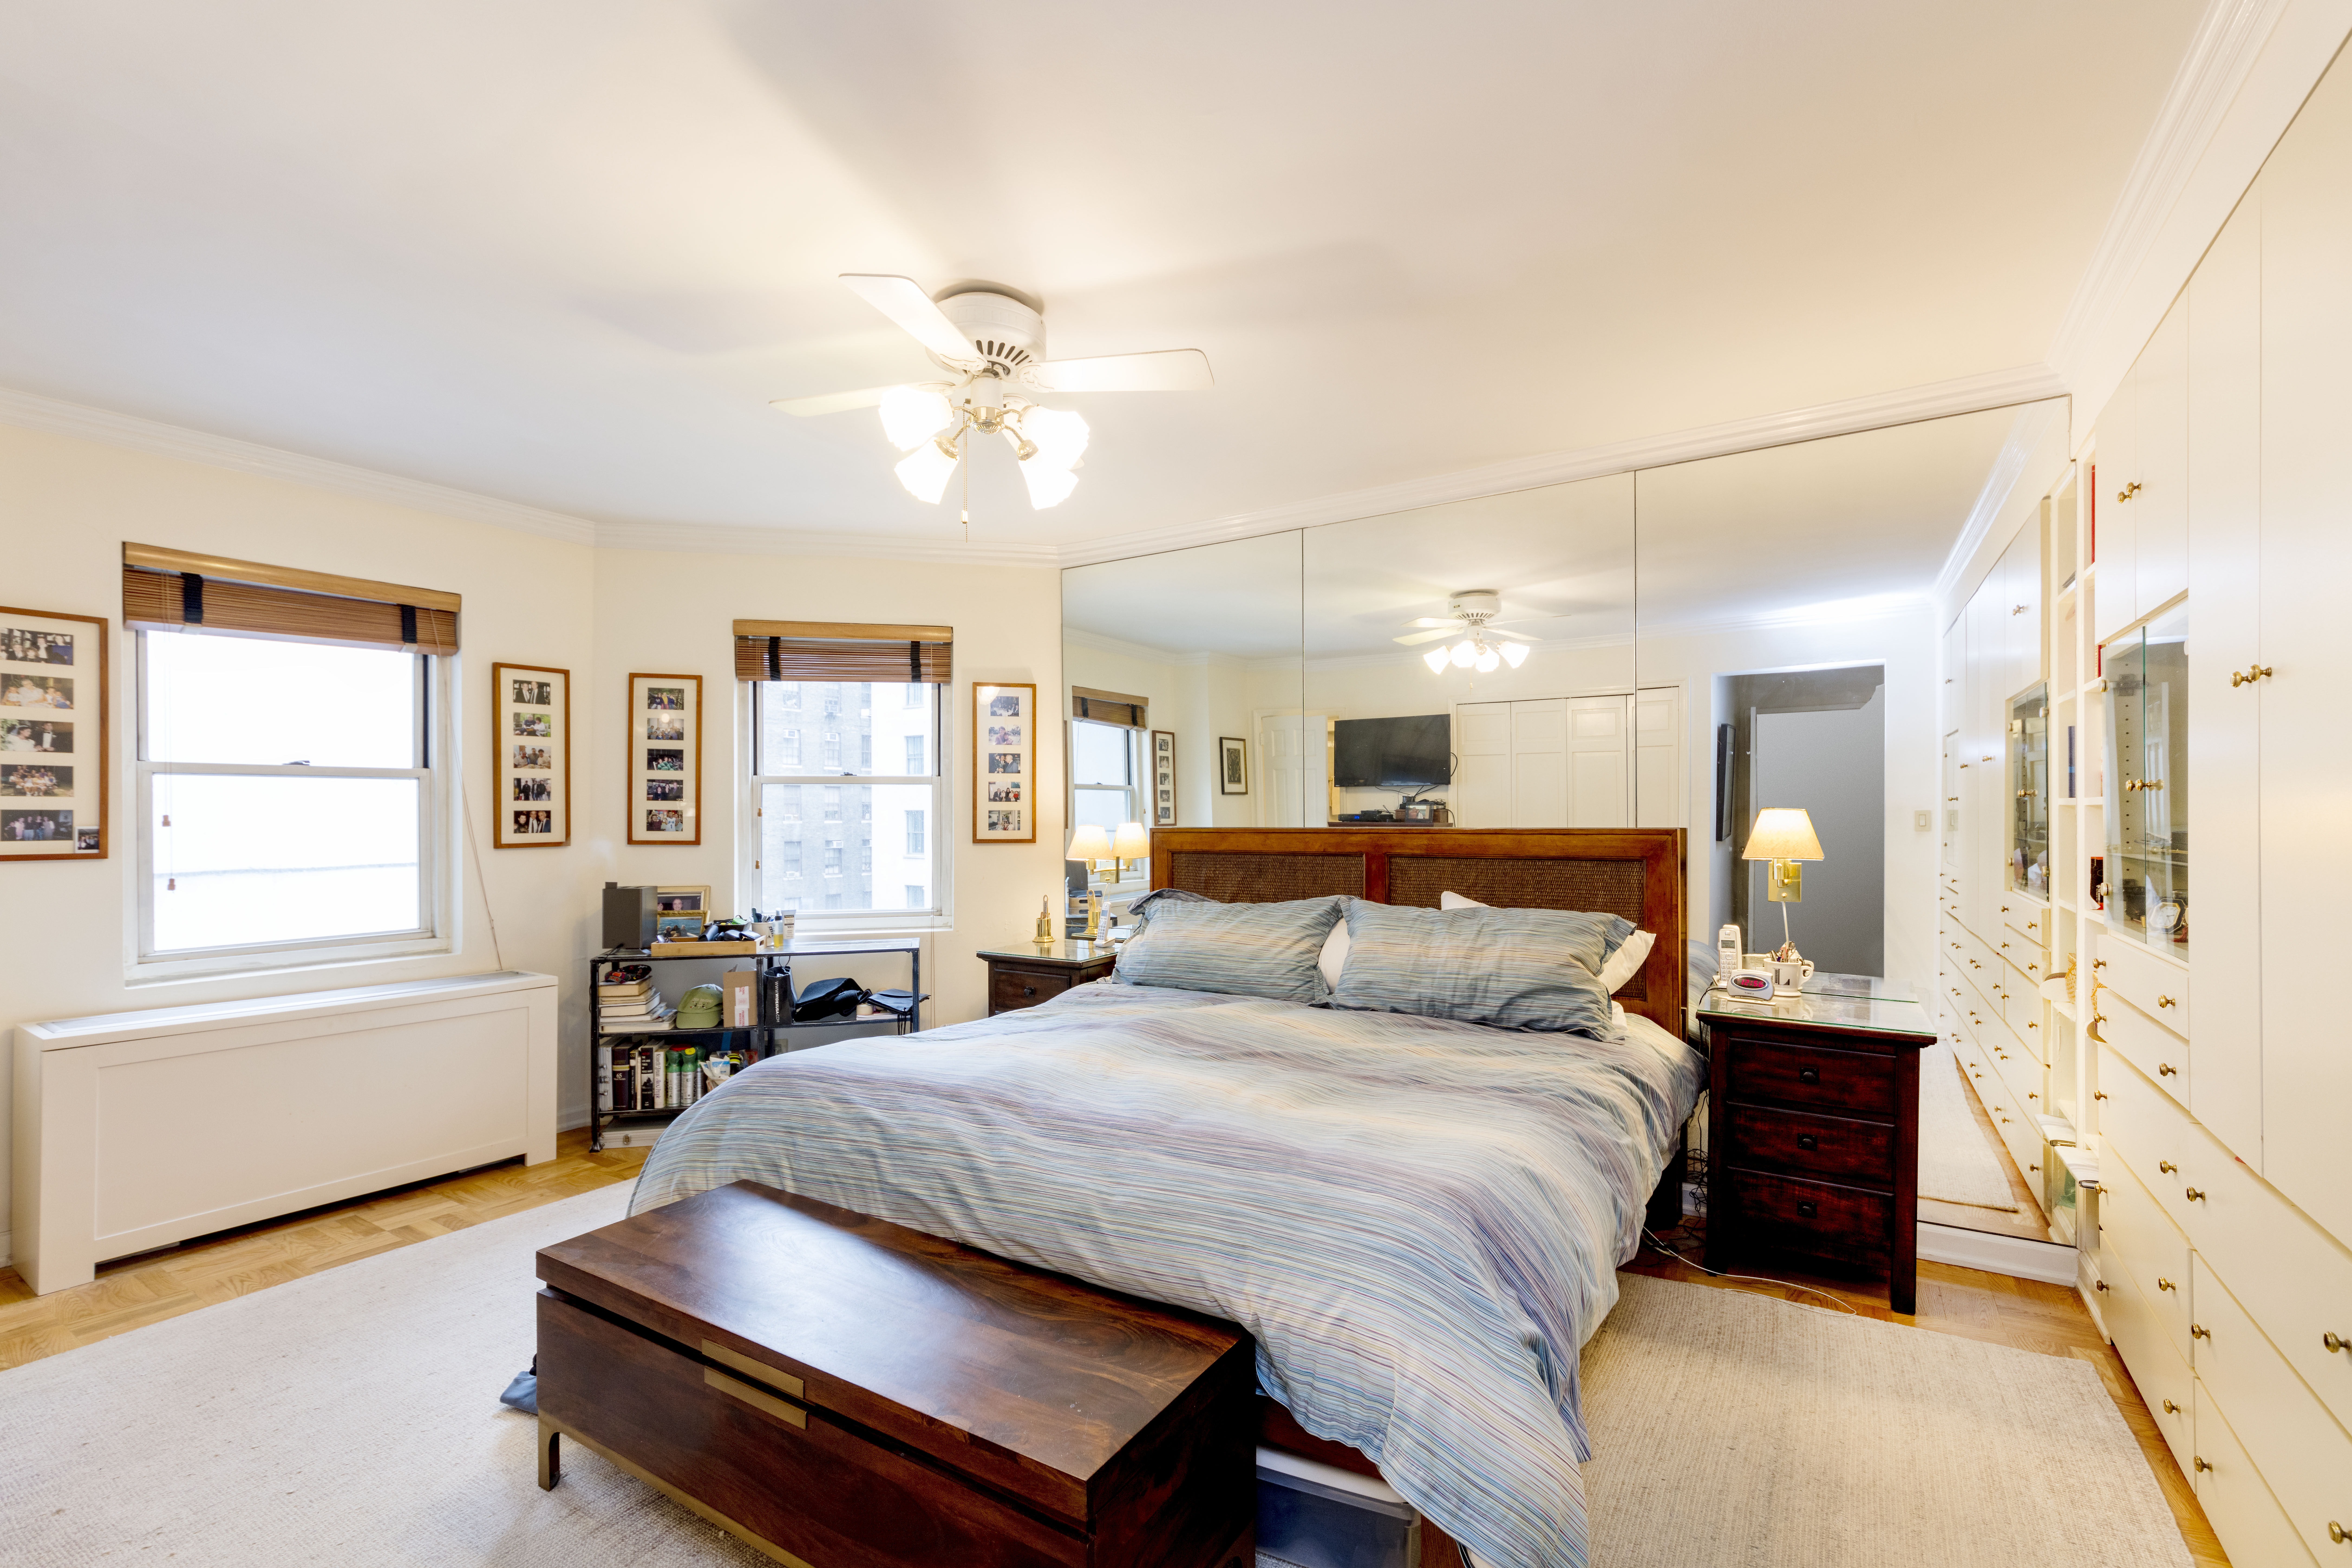 F. Master Bedroom